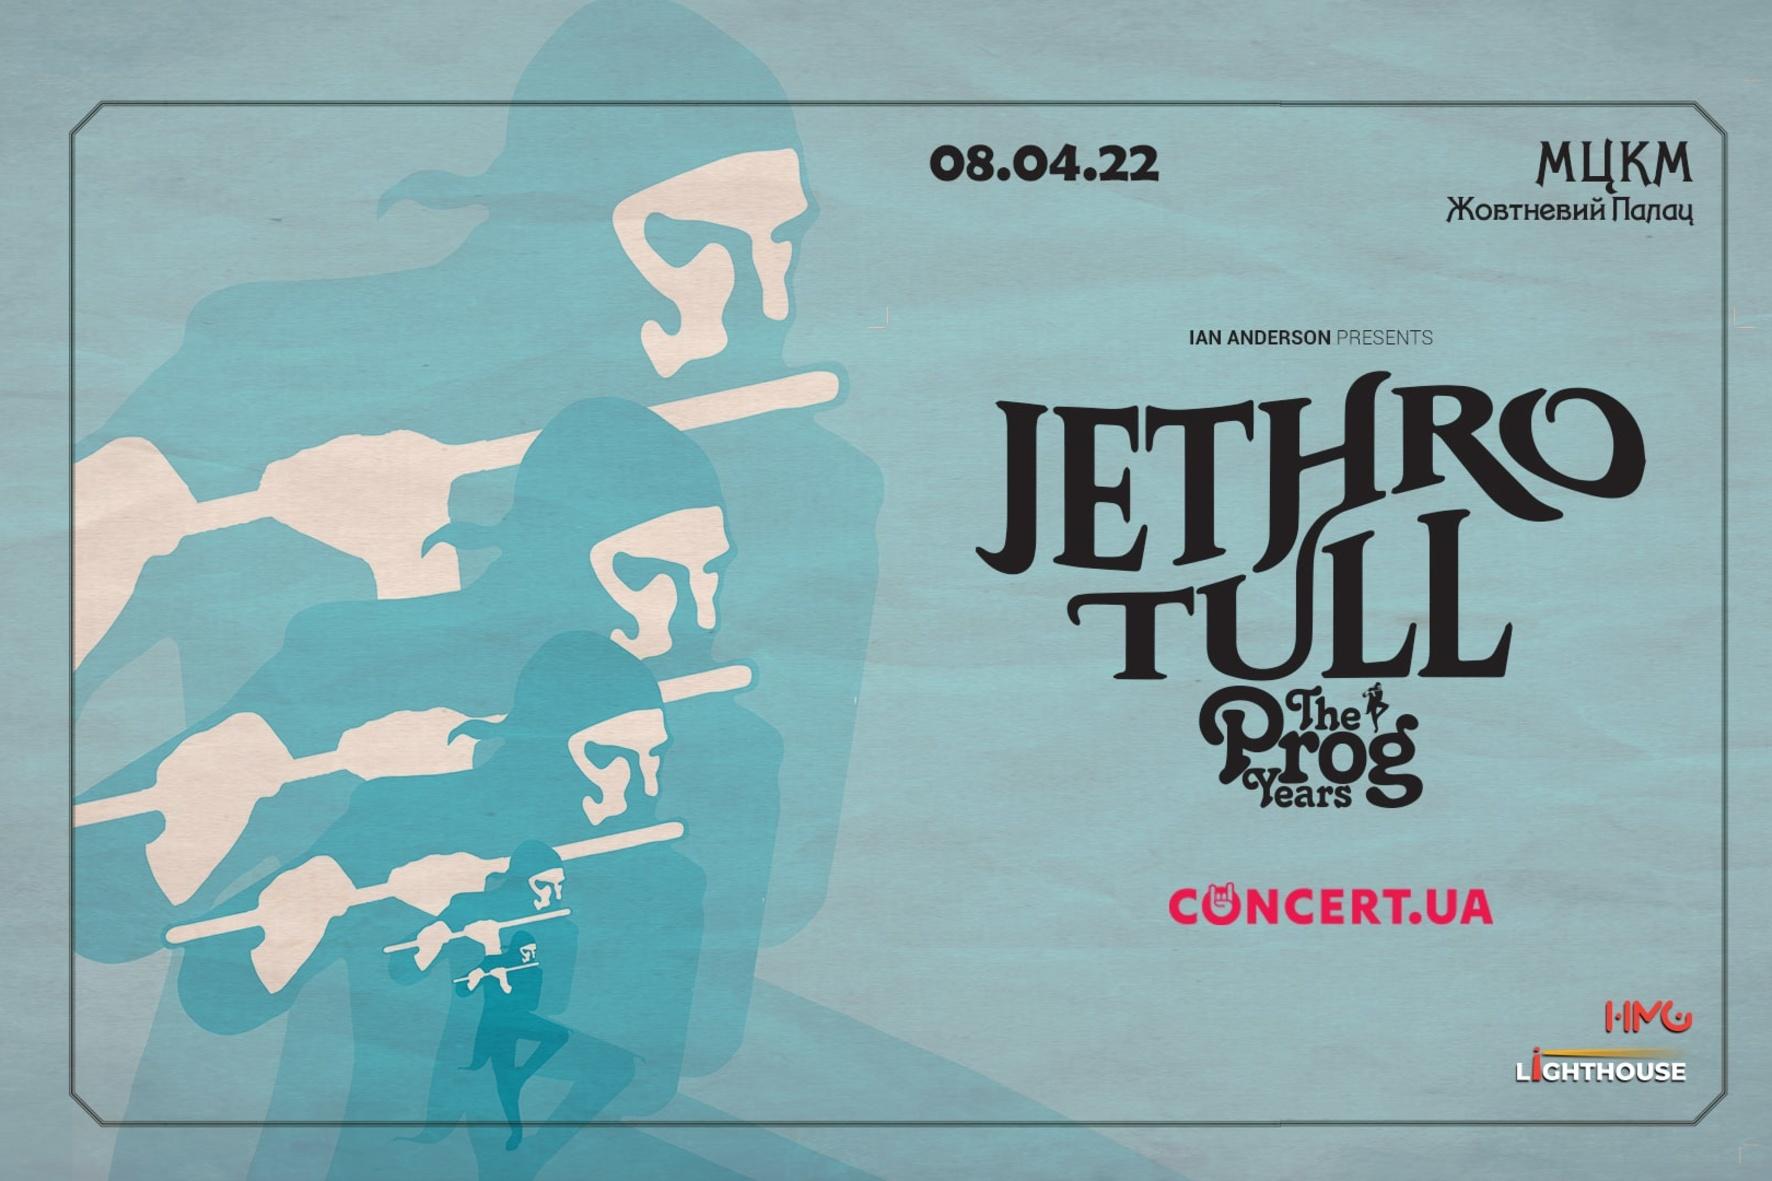 Легенди світової рок-музики Jethro Tull зіграють великий концерт у Києві